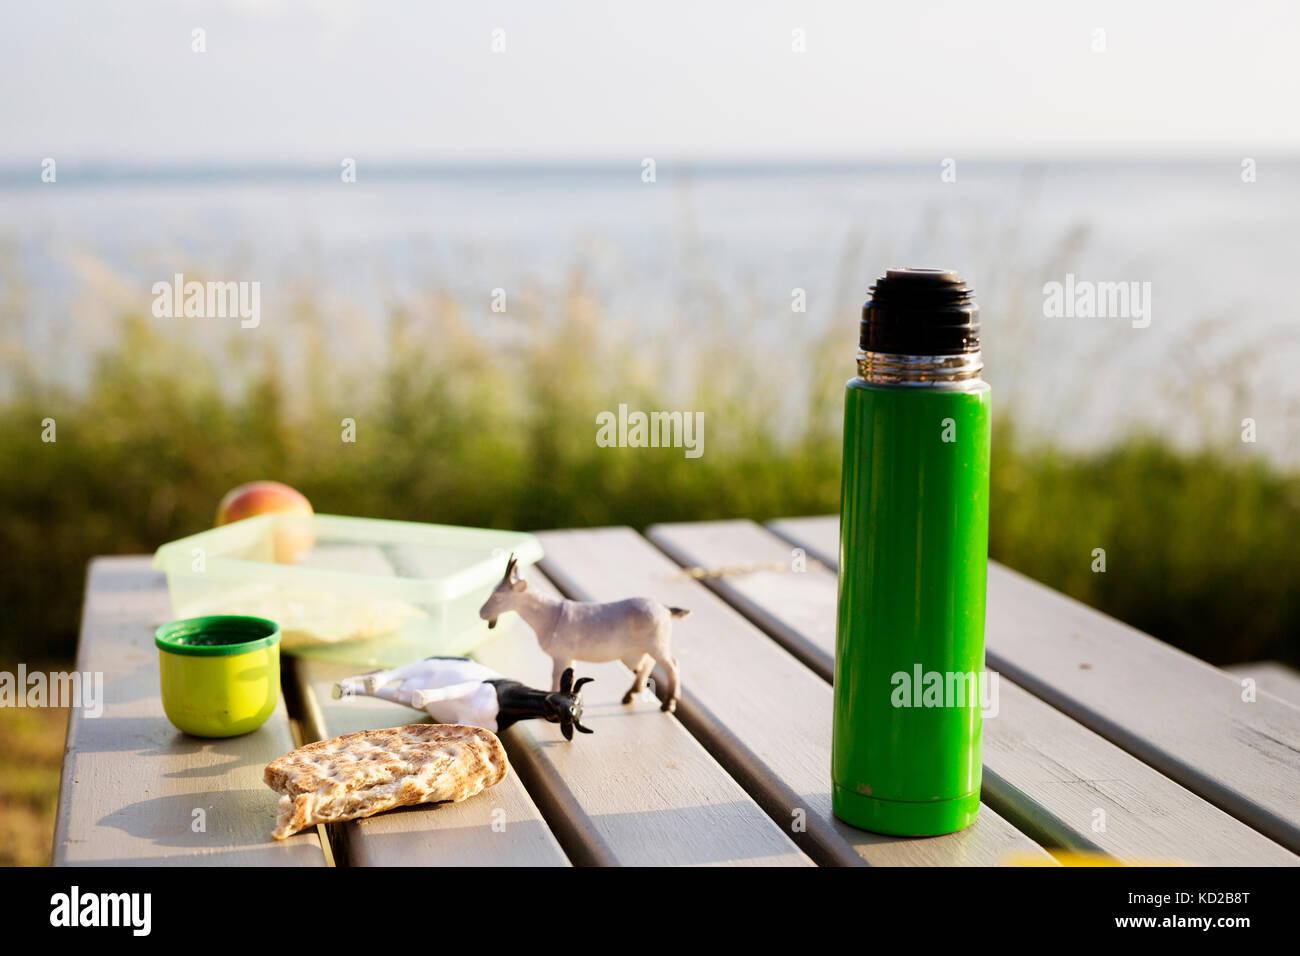 Isolierte drink Container- und Spielzeug auf Picknick Tisch Stockbild